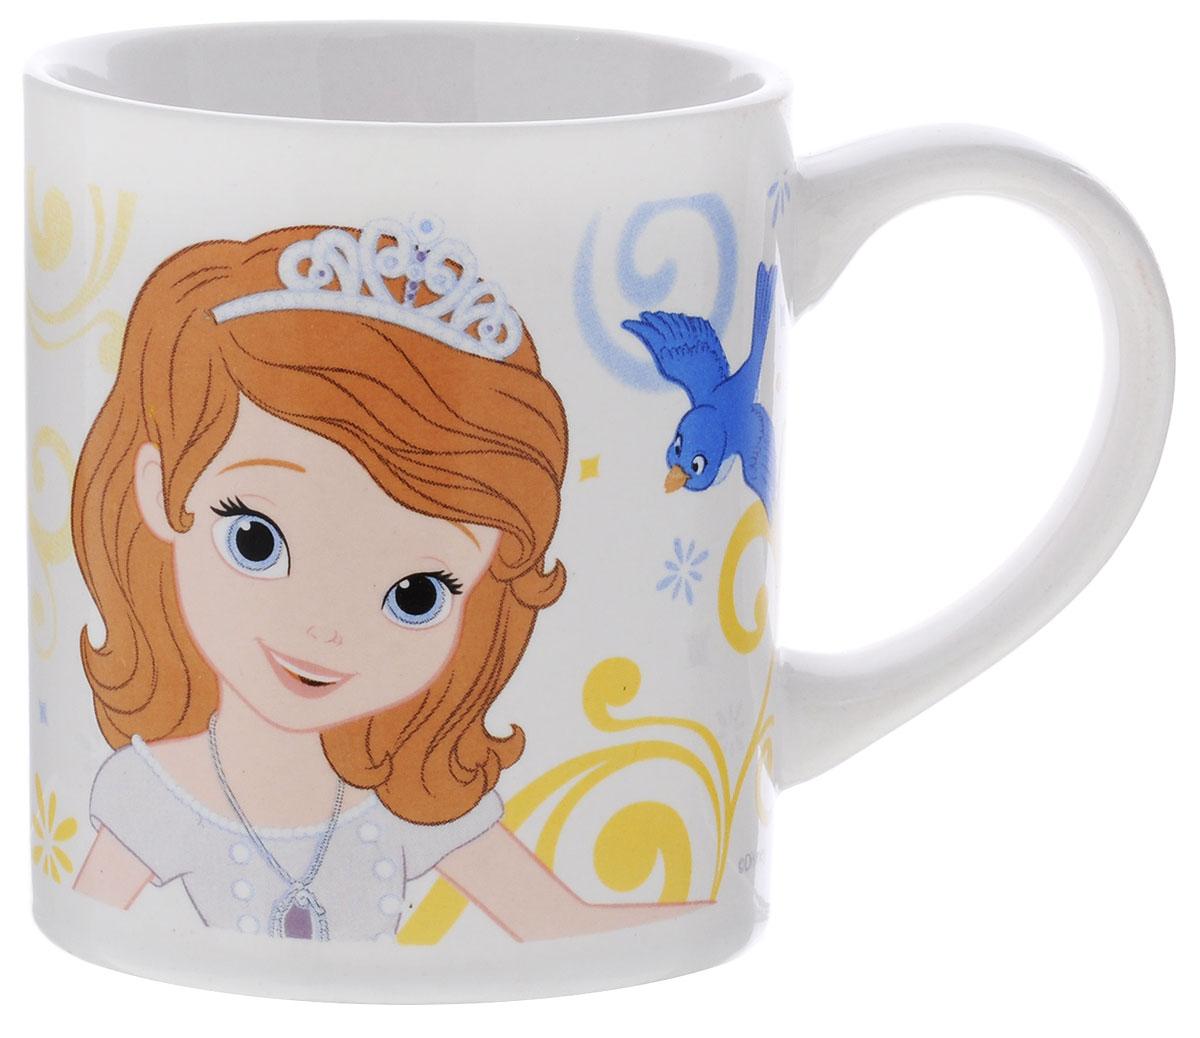 """Детская кружка Stor """"Принцесса София Прекрасная"""" из серии Stor Disney Princess с любимой героиней станет отличным подарком для вашей малышки. Она выполнена из керамики и оформлена изображением принцессы Софии. Кружка дополнена удобной ручкой. Такой подарок станет не только приятным, но и практичным сувениром: кружка будет незаменимым атрибутом чаепития, а оригинальное оформление кружки добавит ярких эмоций и хорошего настроения.Можно использовать в СВЧ-печи и посудомоечной машине."""